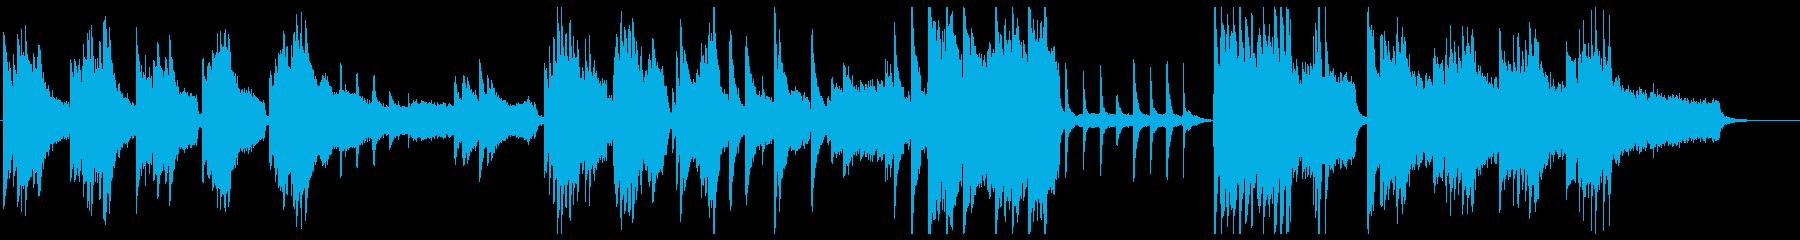 ピアノ_ひんやり_火曜サスペンスの再生済みの波形